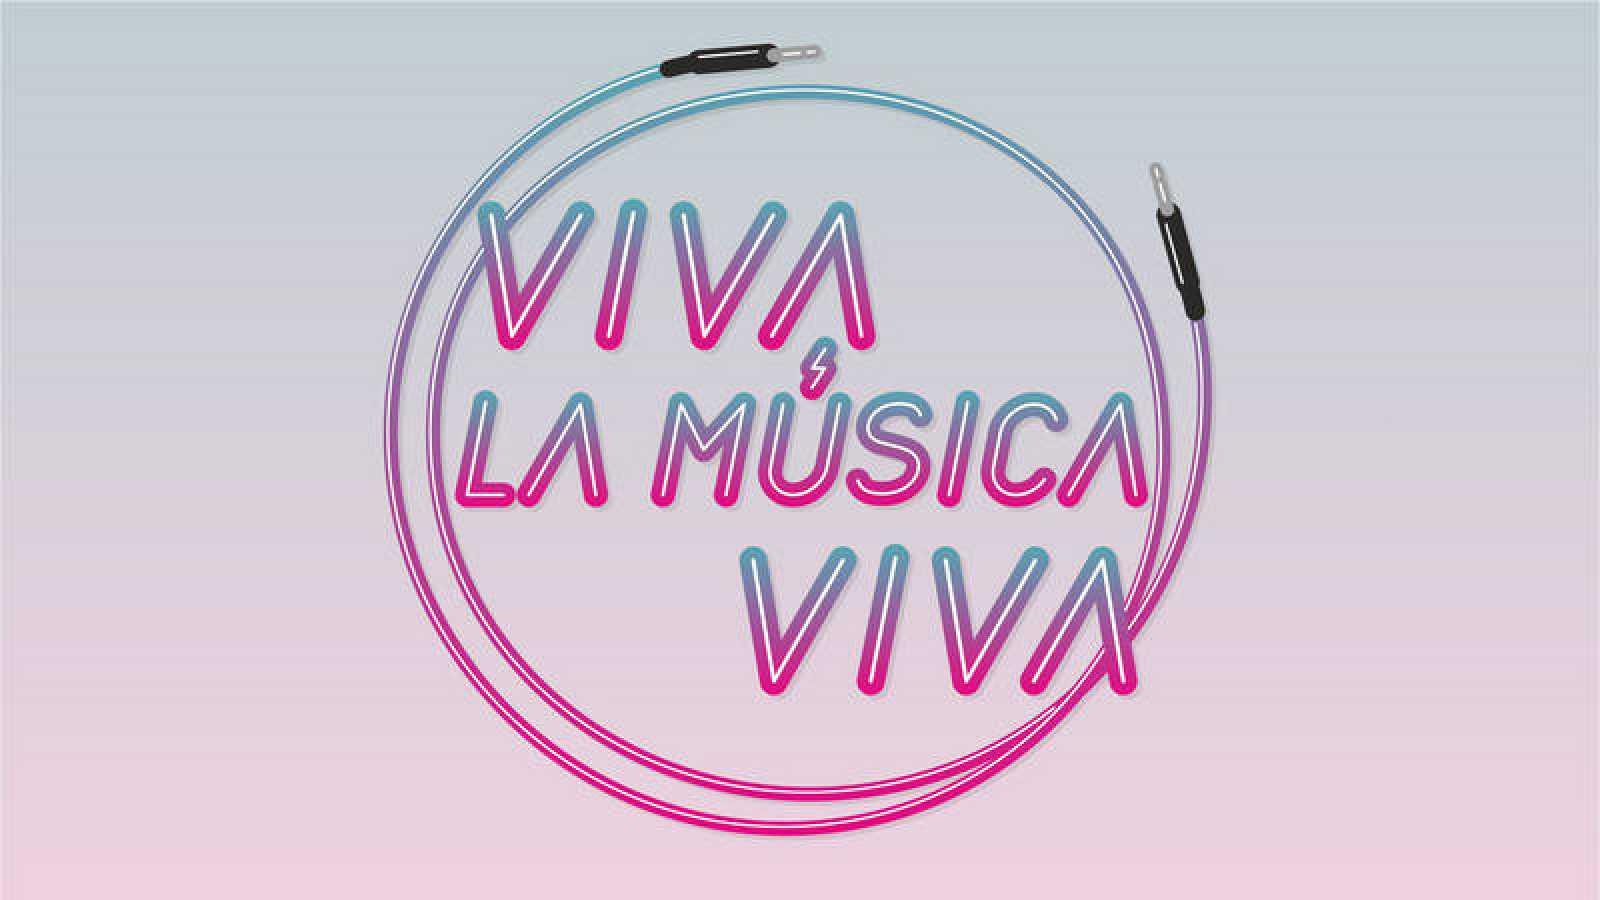 viva la musica viva radio3 fundacion sgae